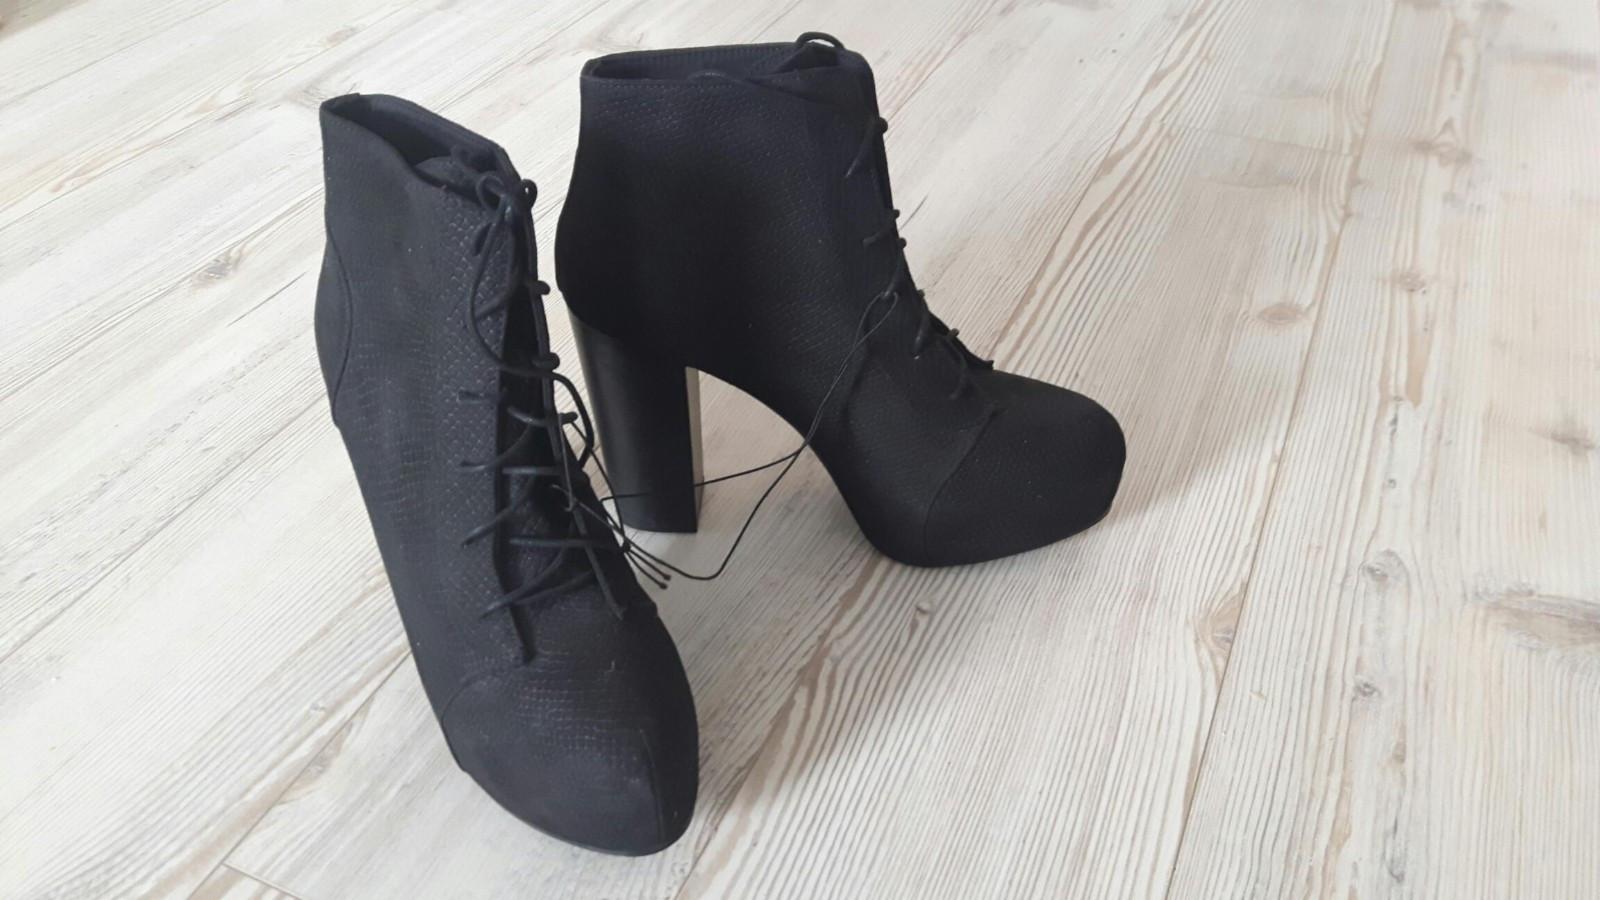 High heels med platformen - Lillestrøm  - High heels med platformen.  Helt nye, ubrukte.   Str. 40. - Lillestrøm